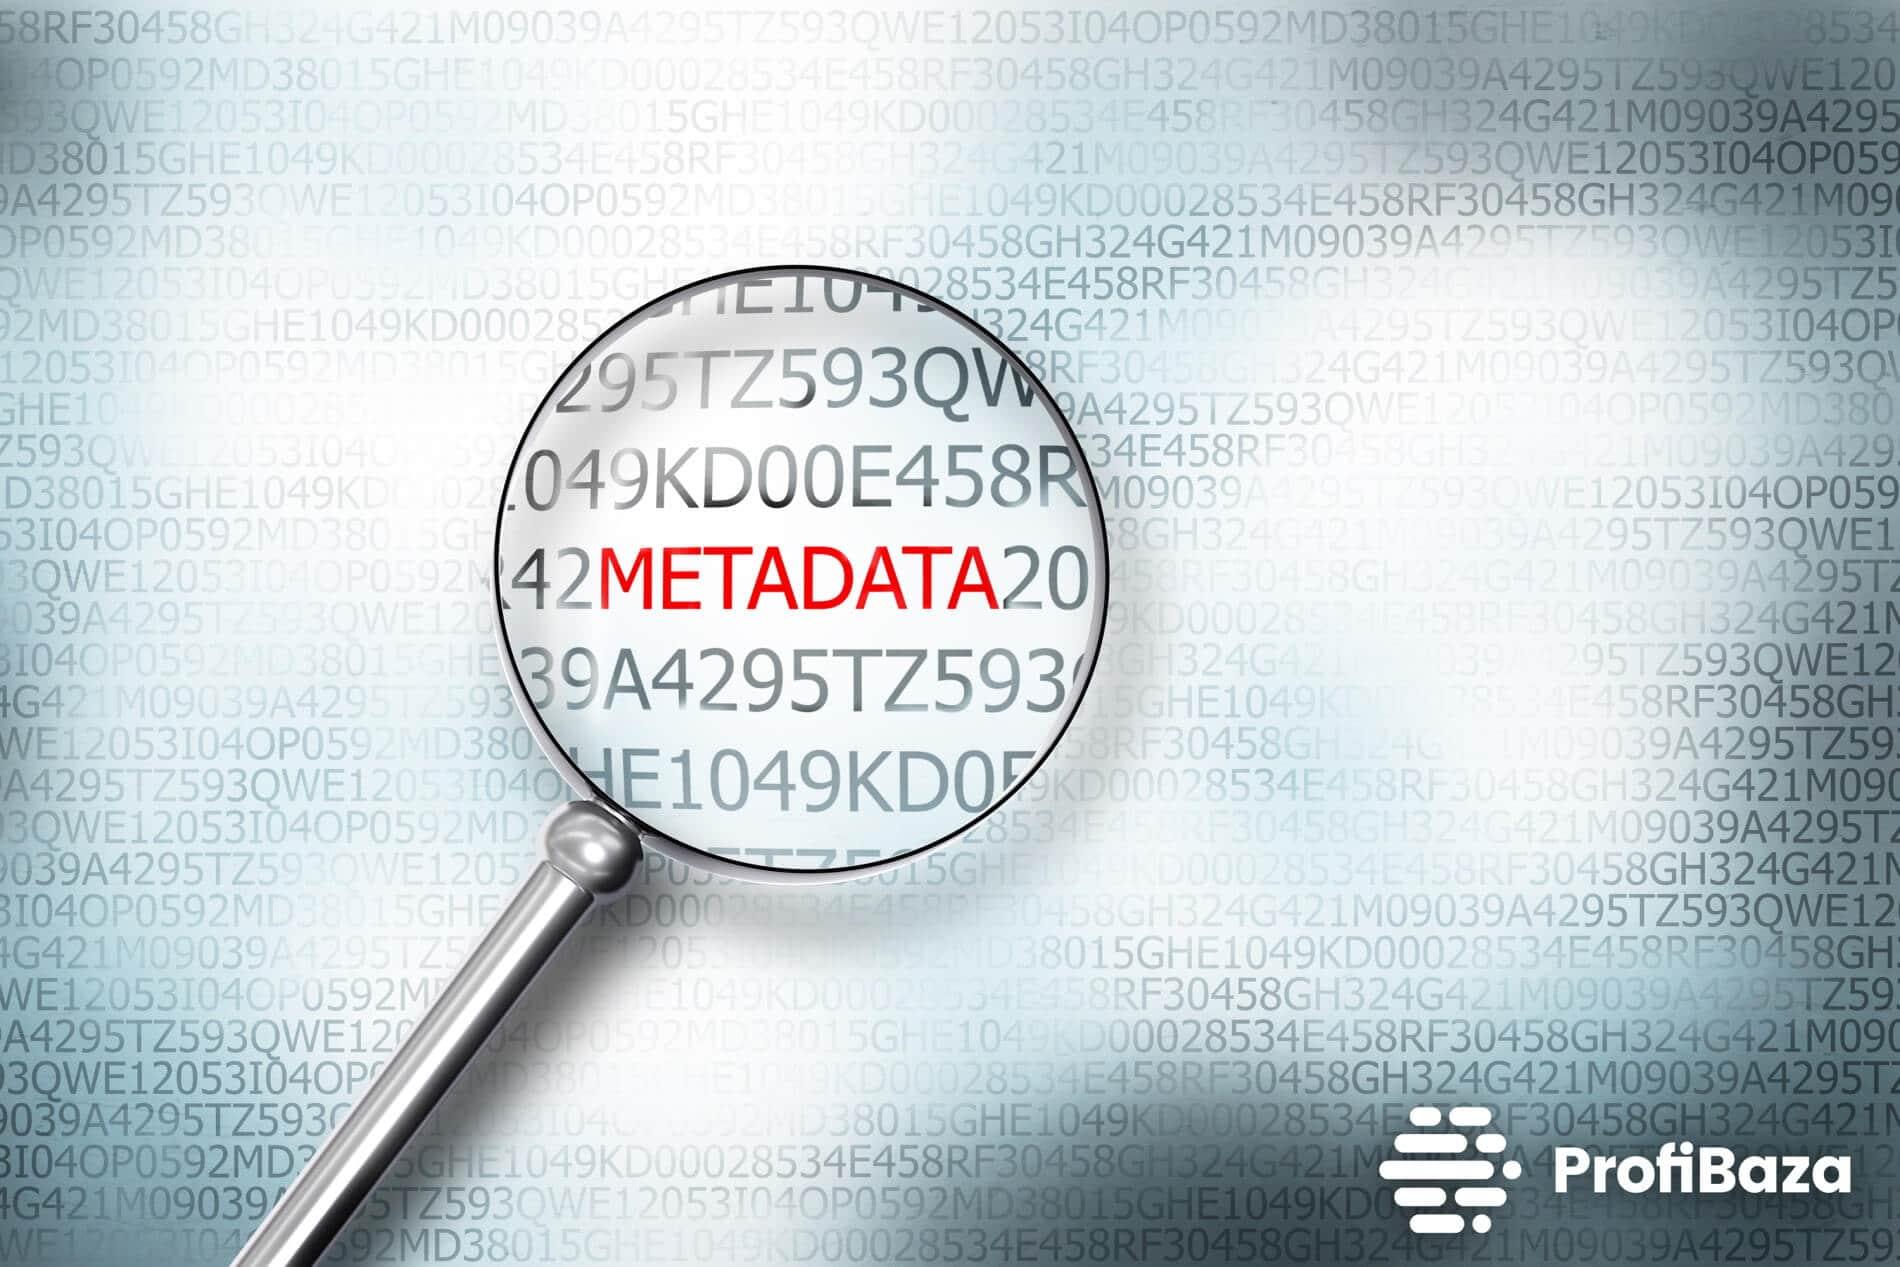 Co to są metadane?